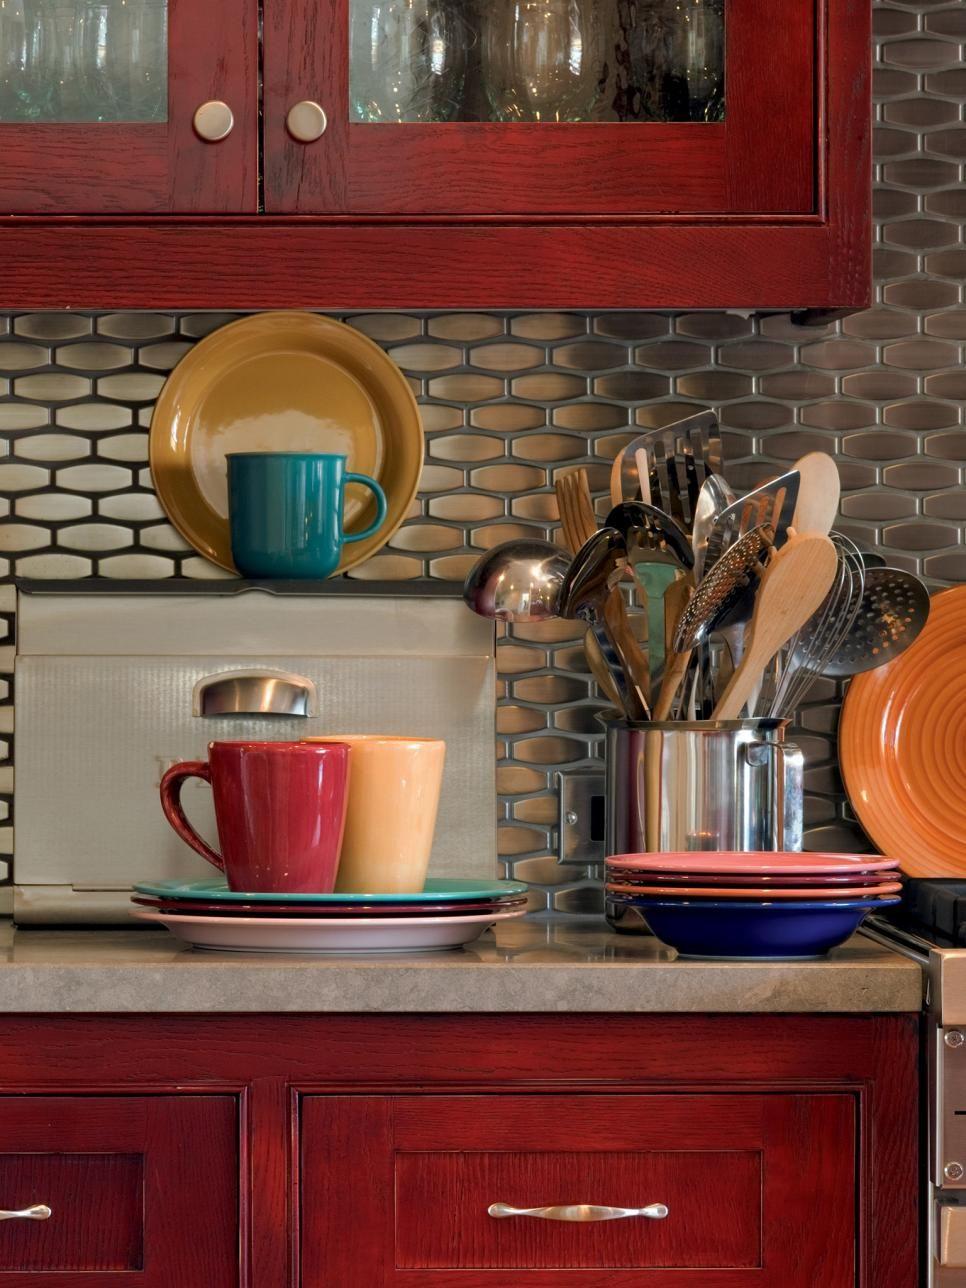 trendiest kitchen backsplash materials kitchen backsplash red